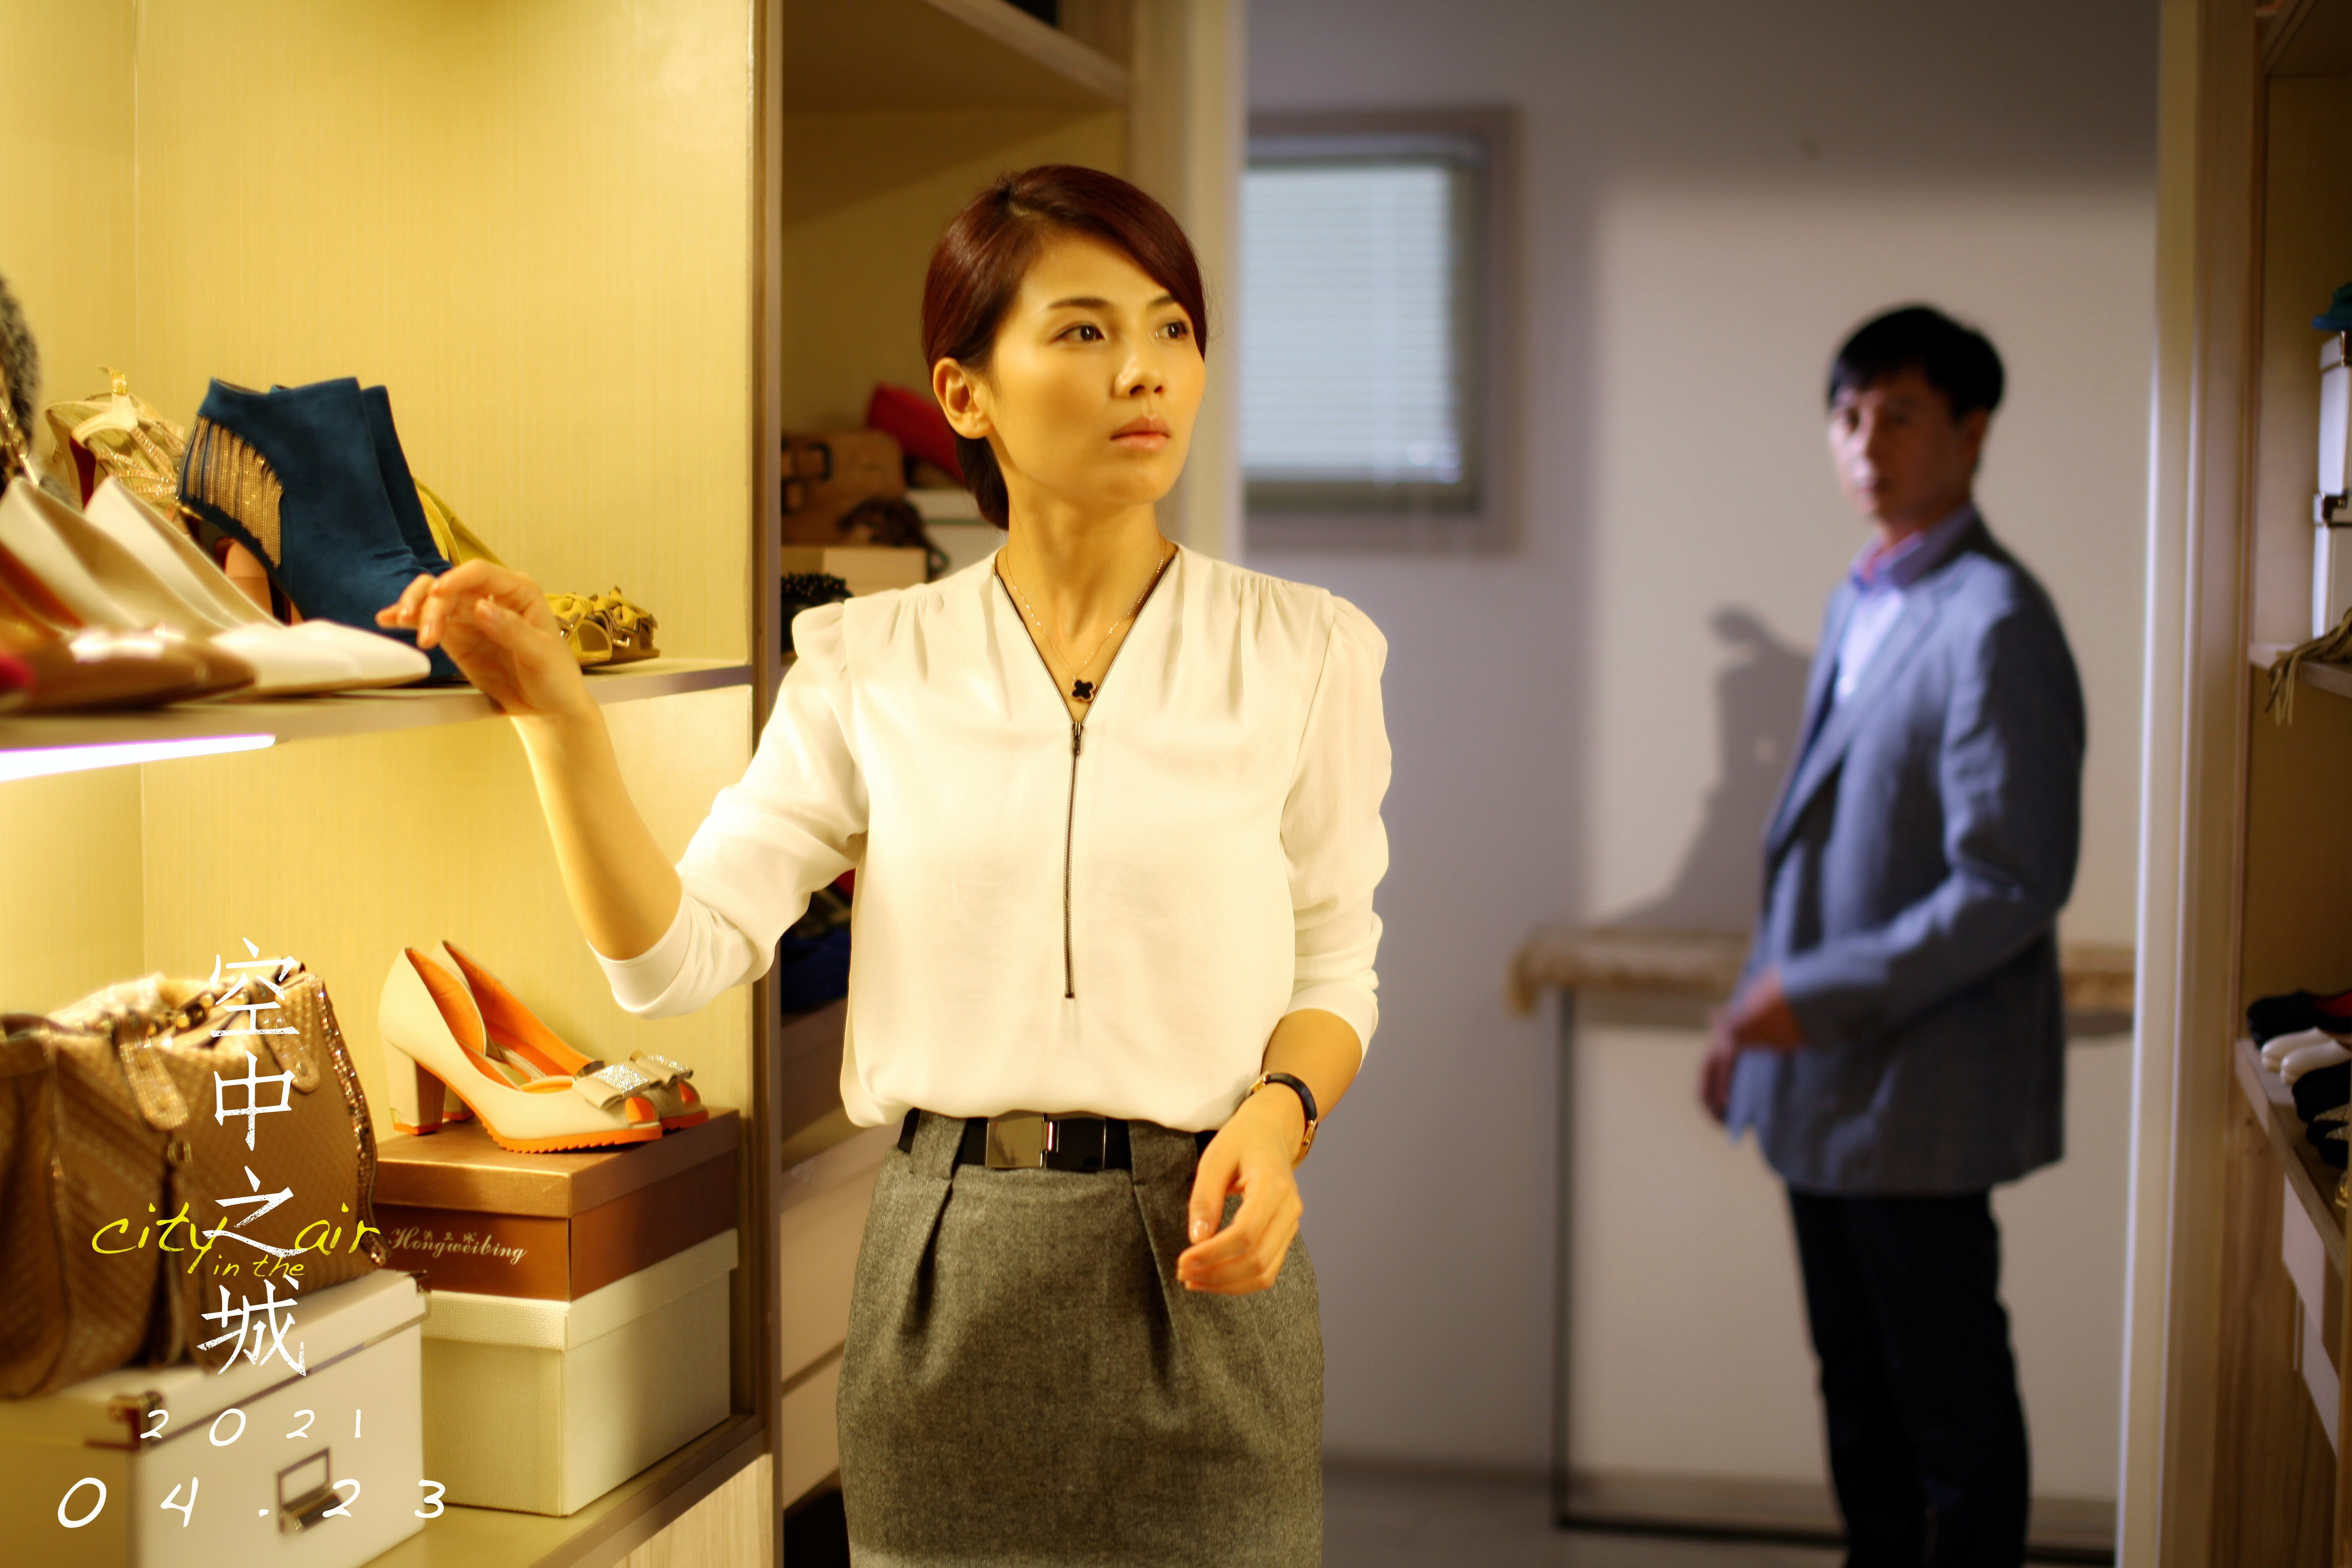 电影《空中之城》4月23日全国上映 张嘉益刘涛倾情演绎